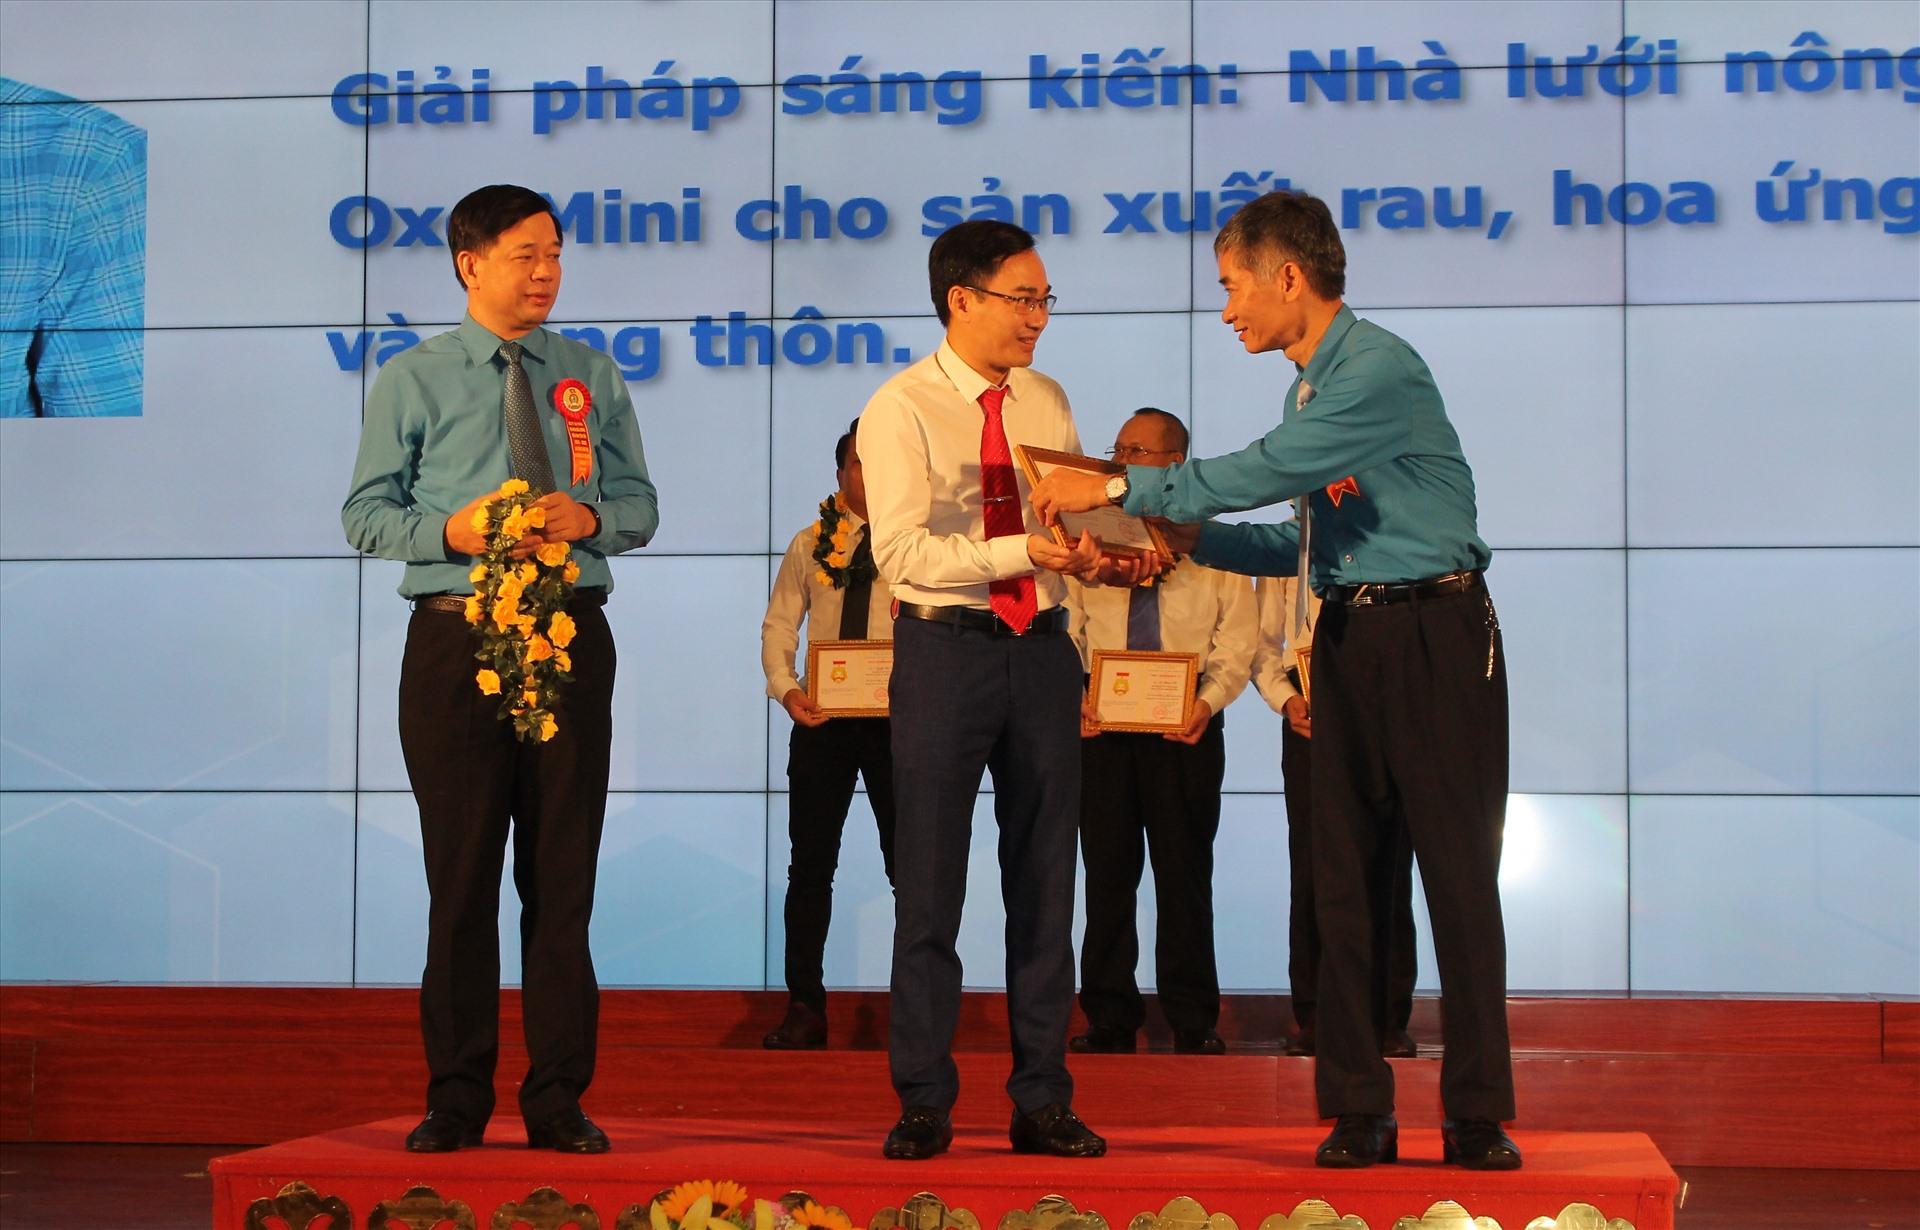 Đồng chí Trần Văn Thuật - PCT Tổng LĐLĐ Việt Nam trao Bằng Lao động sáng tạo năm 2019 tặng cá nhân xuất sắc. Ảnh Mai Dung